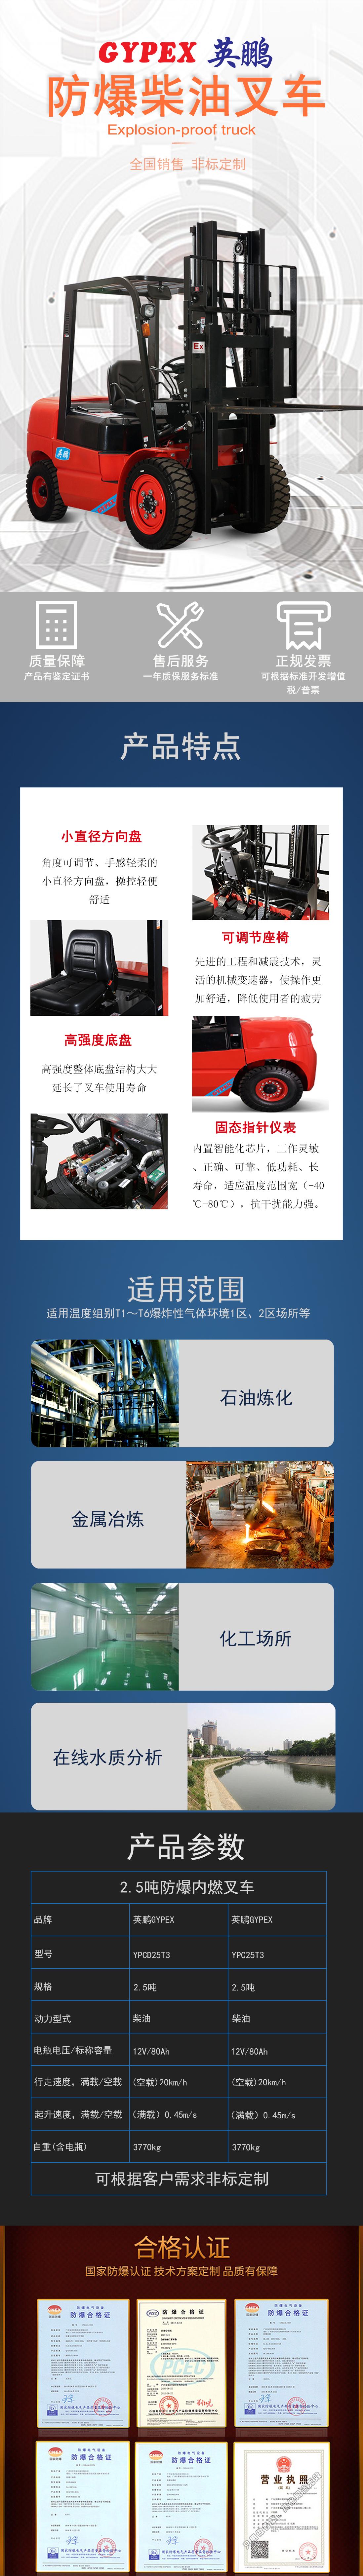 YPCD25T3   YPC25T3詳情圖.jpg